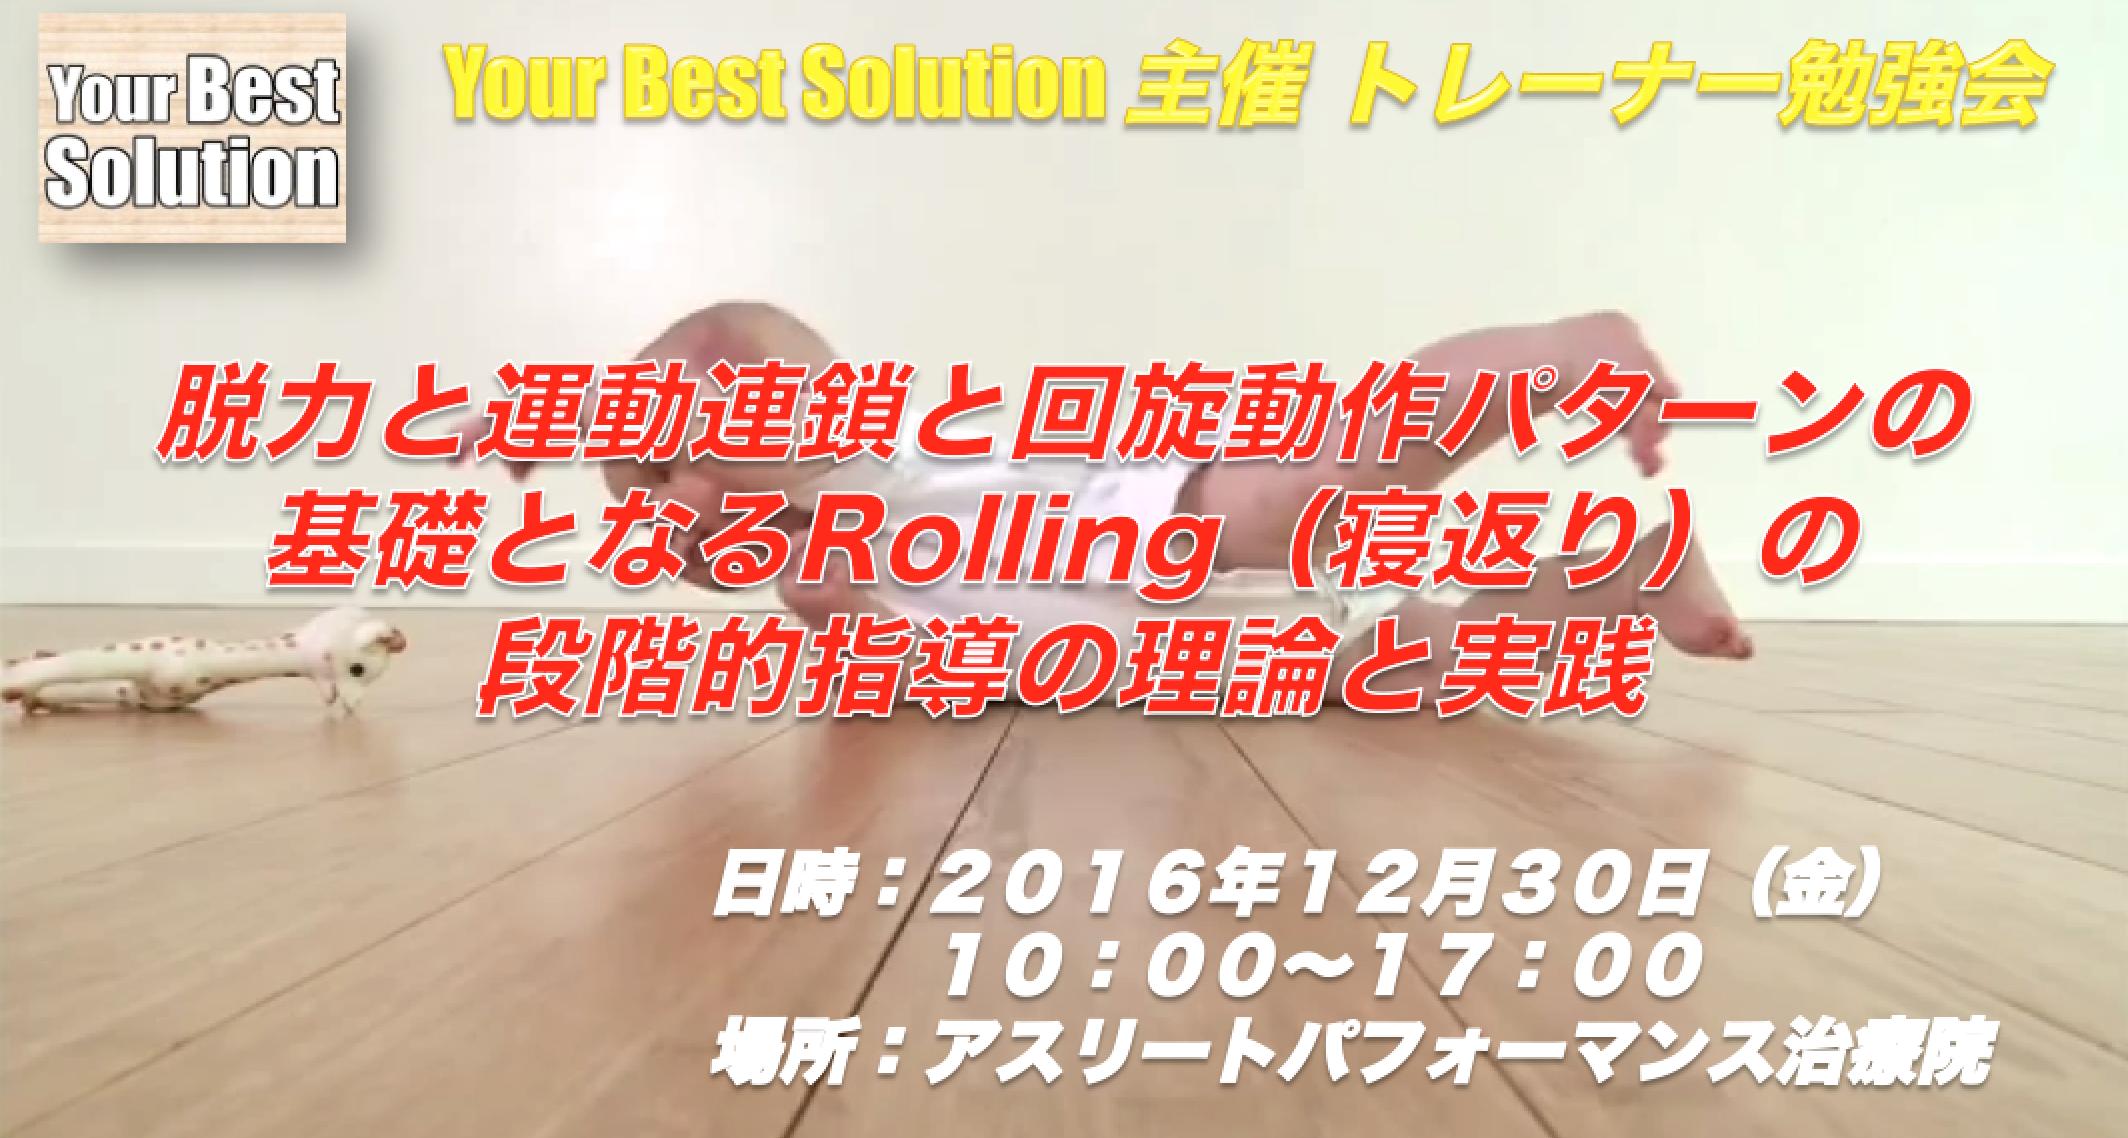 満員御礼【12月30日開催】脱力と運動連鎖と回旋動作パターンの基礎となるRollling(寝返り)の段階的指導の理論と実践